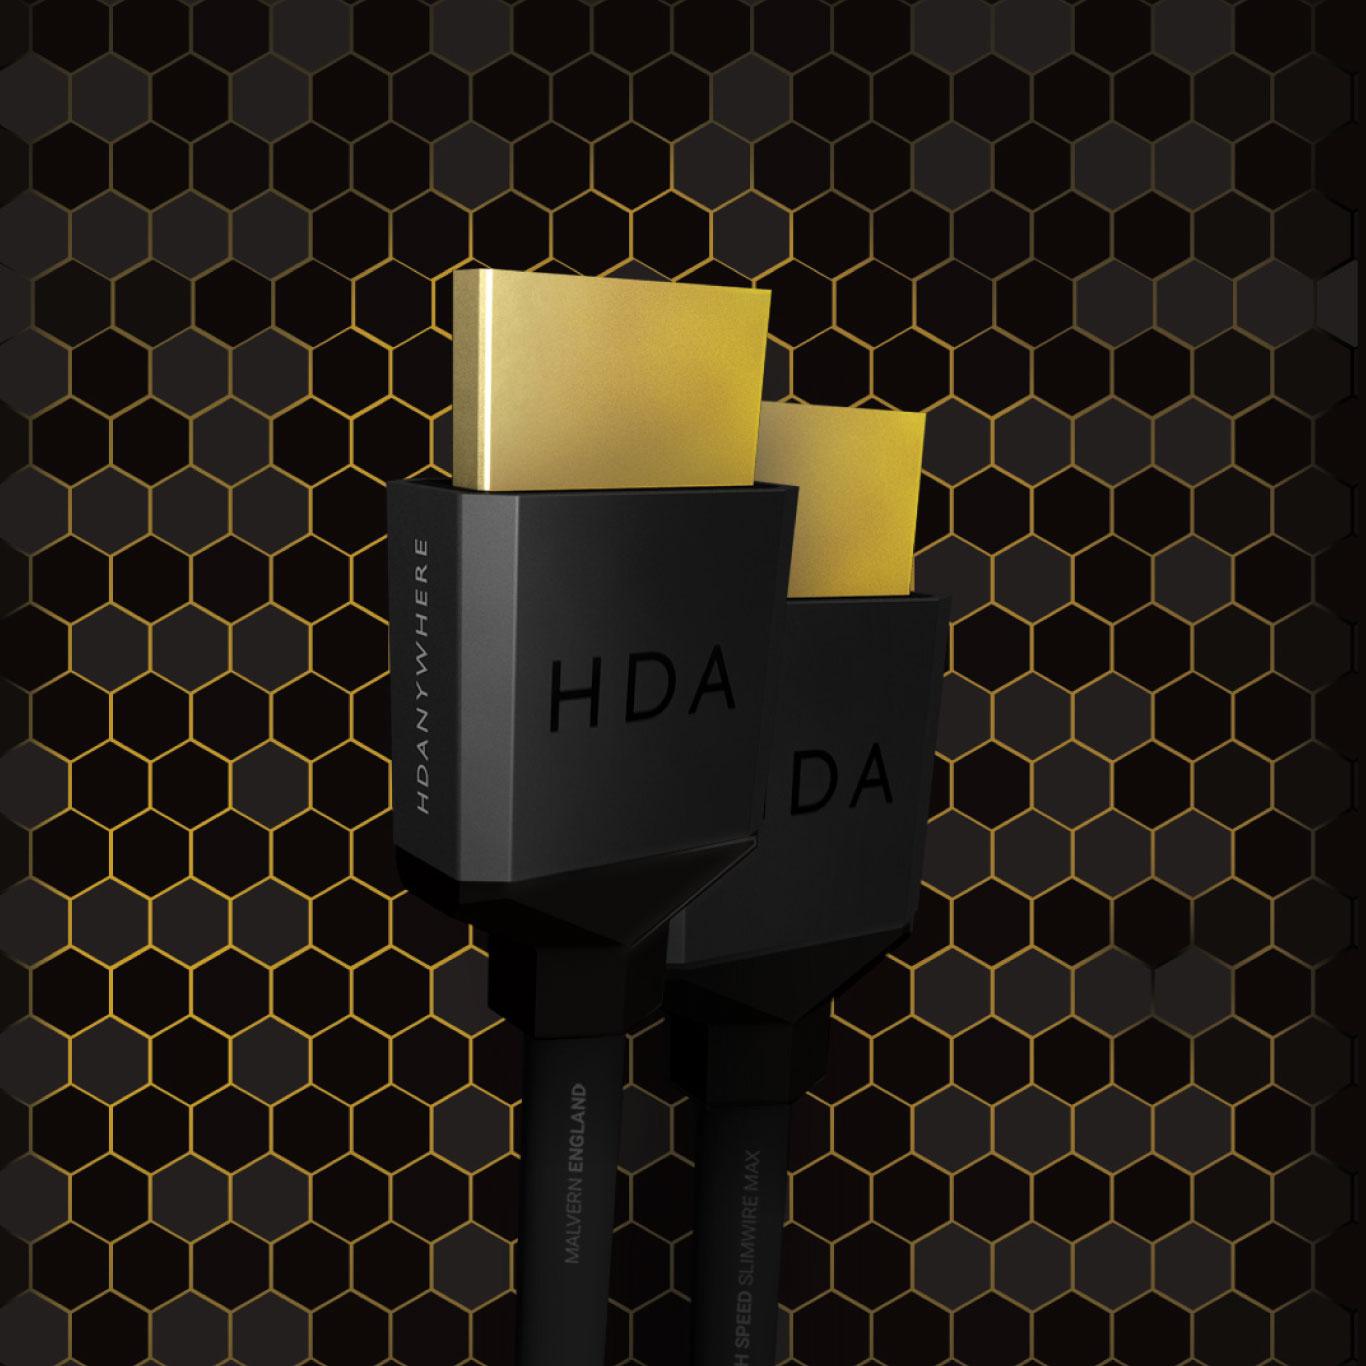 SLIMWIRE MAX (18G) 4K HDMI Cable